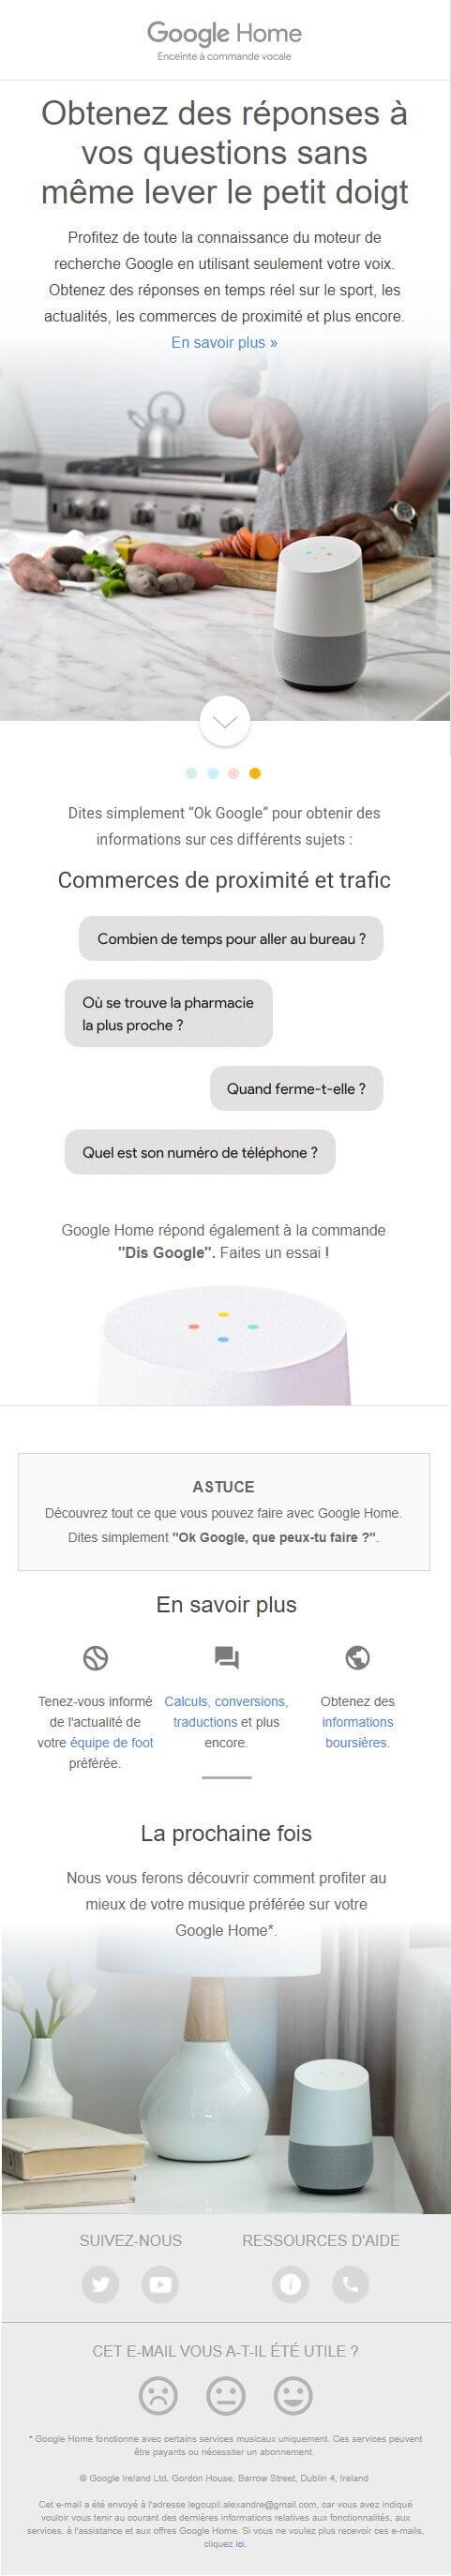 Esempio di email marketing - Google Home